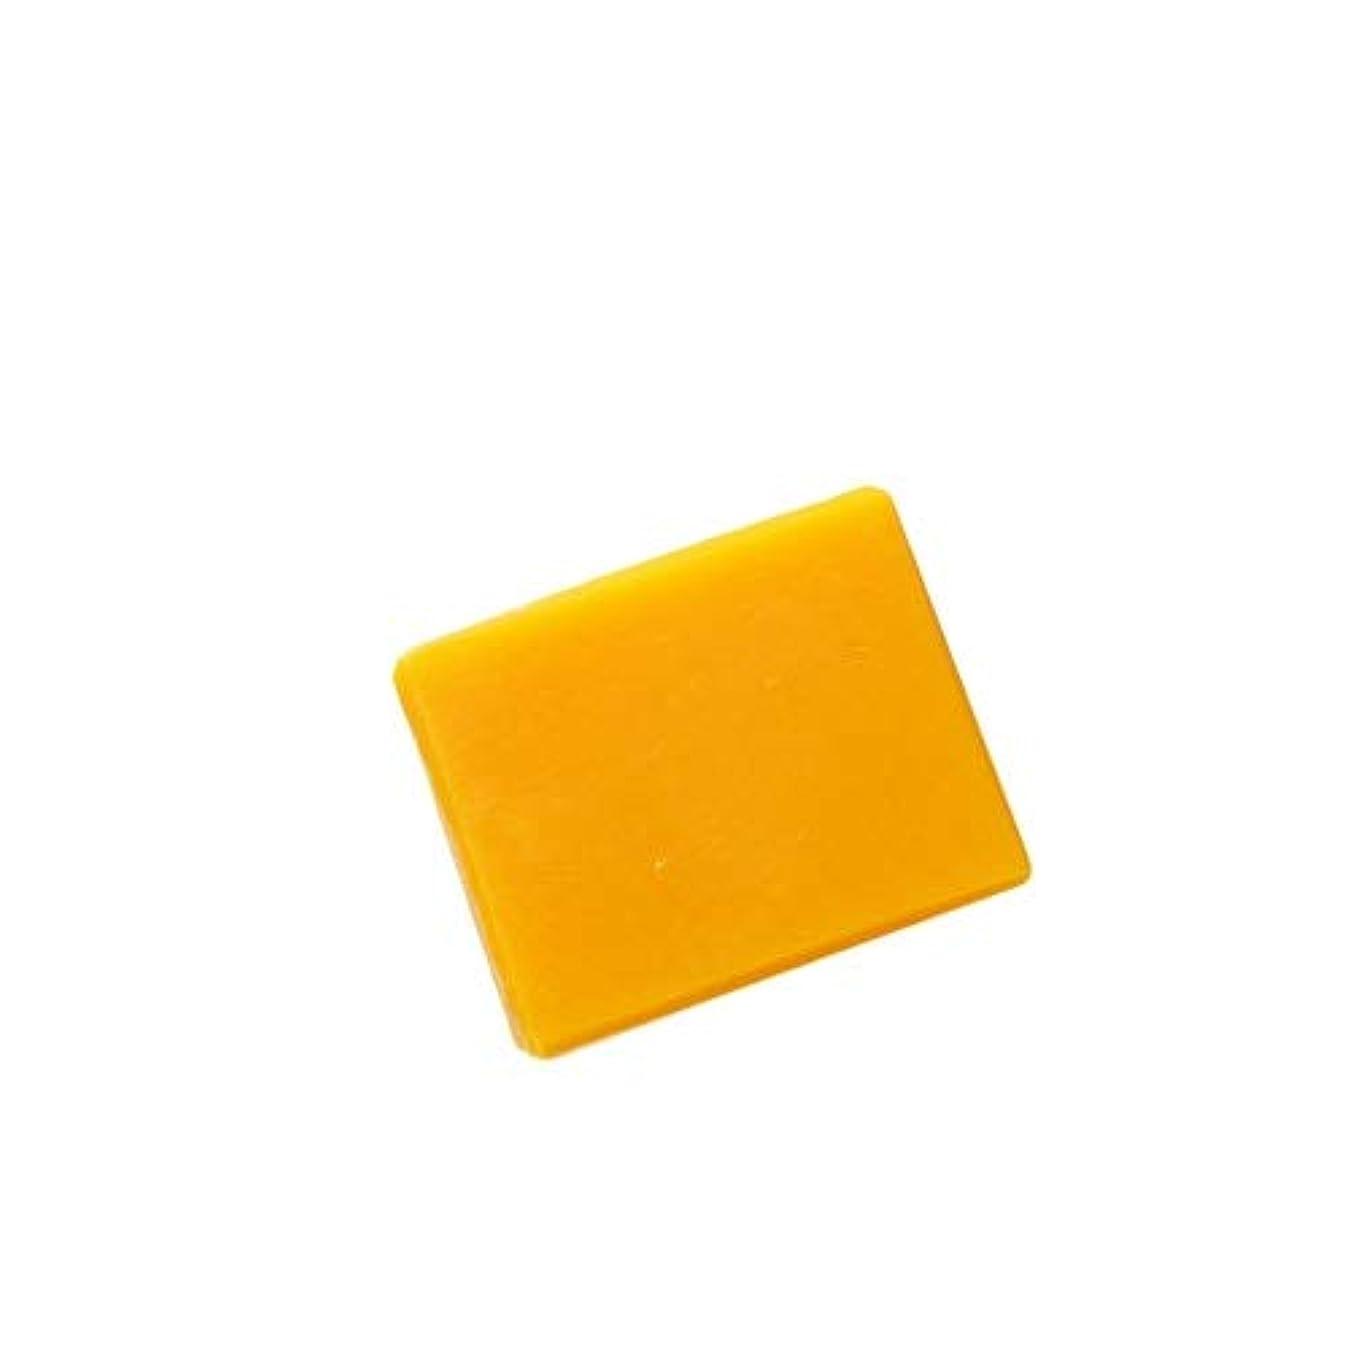 不利益パーティーシンプルさ洗顔石鹸 COONA アボカド 石けん フローラルオレンジ (天然素材 自然派 コールドプロセス 手作り せっけん)